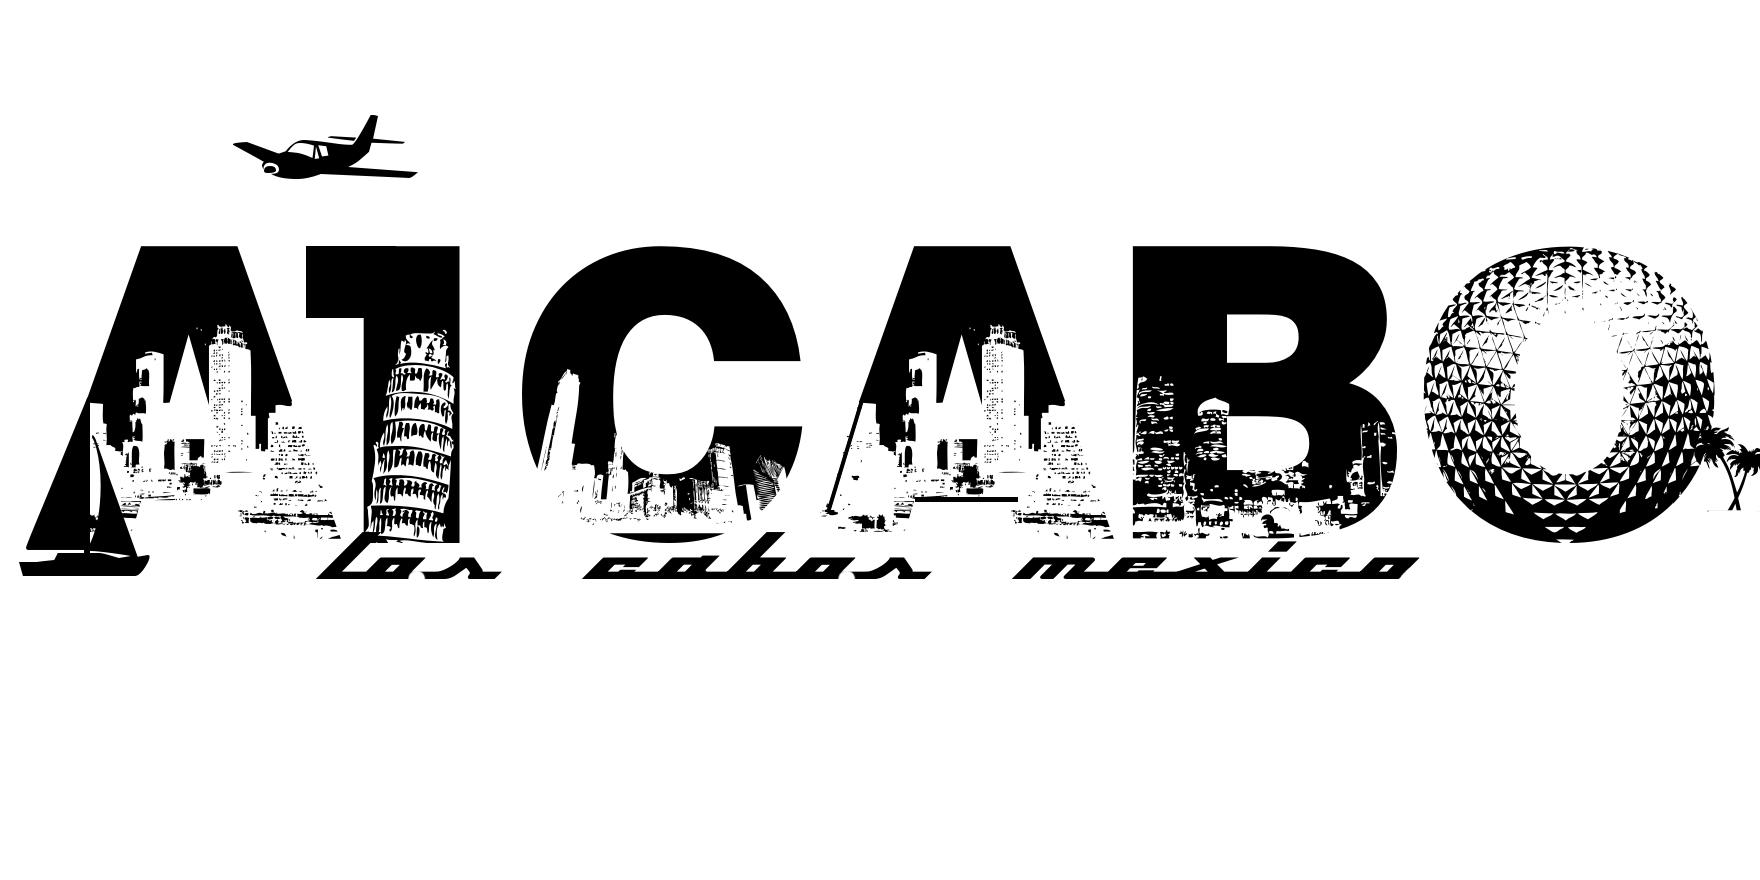 Logo Design by dallywopper - Entry No. 92 in the Logo Design Contest Inspiring Logo Design for A1Cabo.com.